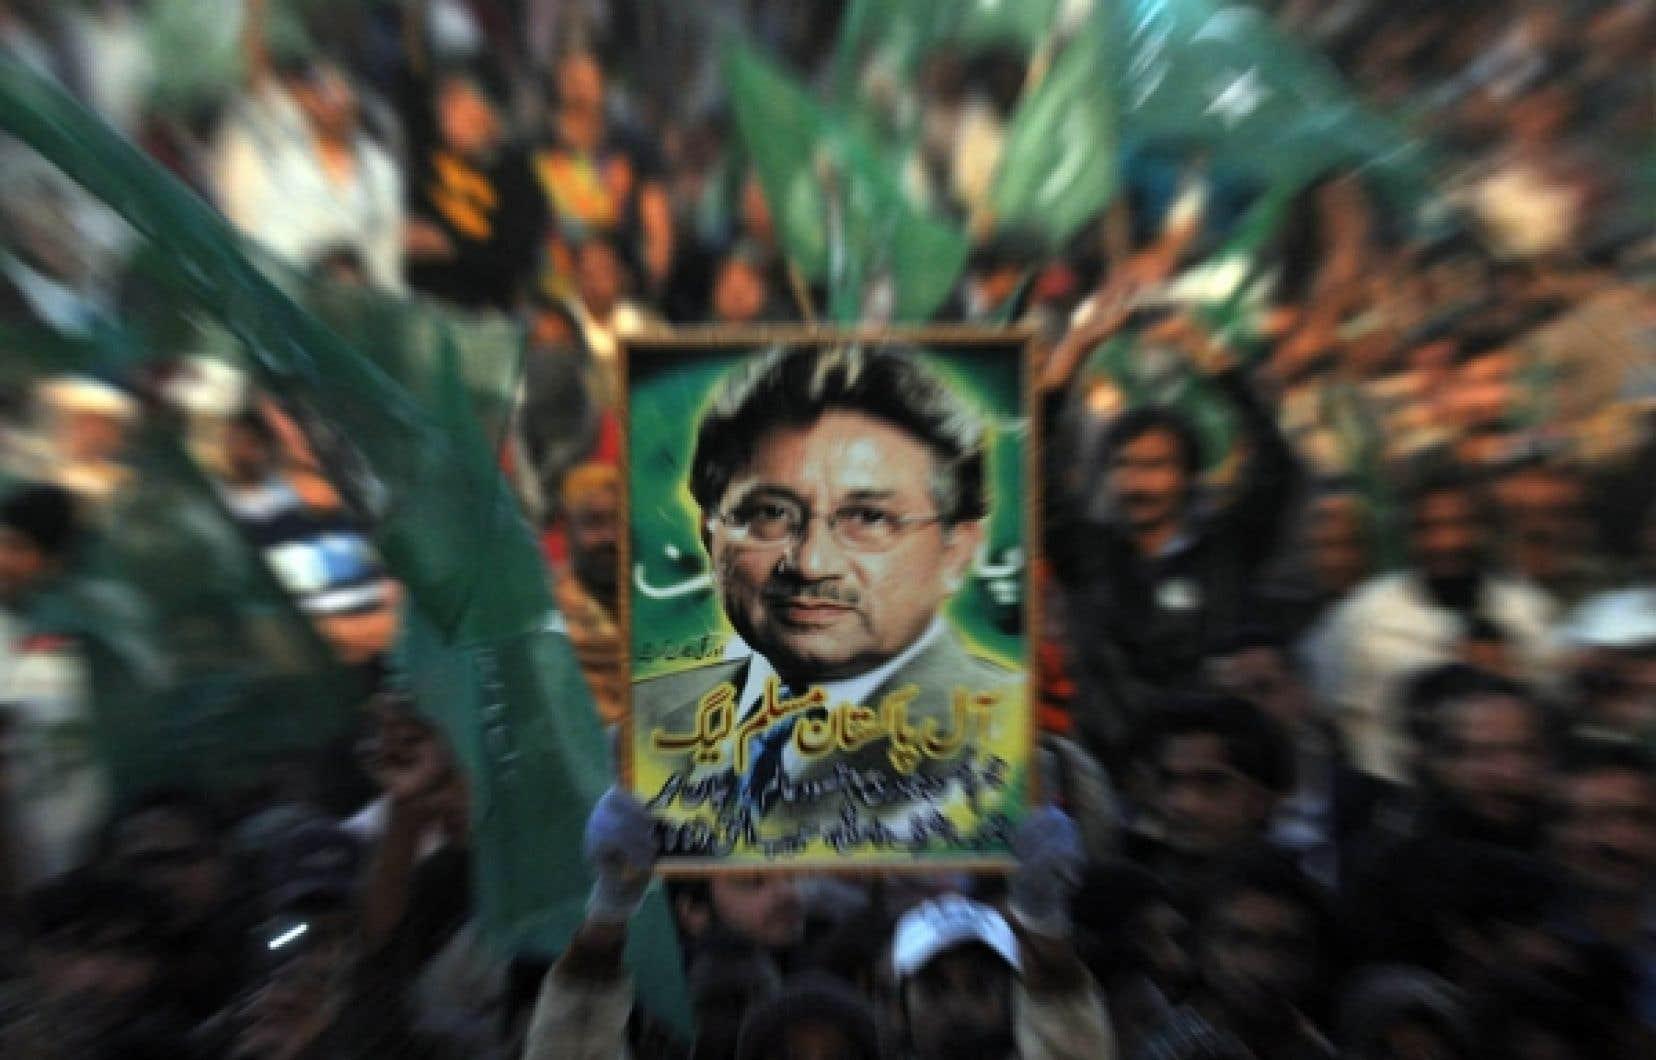 Un militant tient un portrait de Pervez Moucharraf durant une réunion publique qui s'est déroulée hier à Karachi. Moucharraf a déclaré hier qu'il reviendrait à domicile après plus de trois ans d'exil.<br />